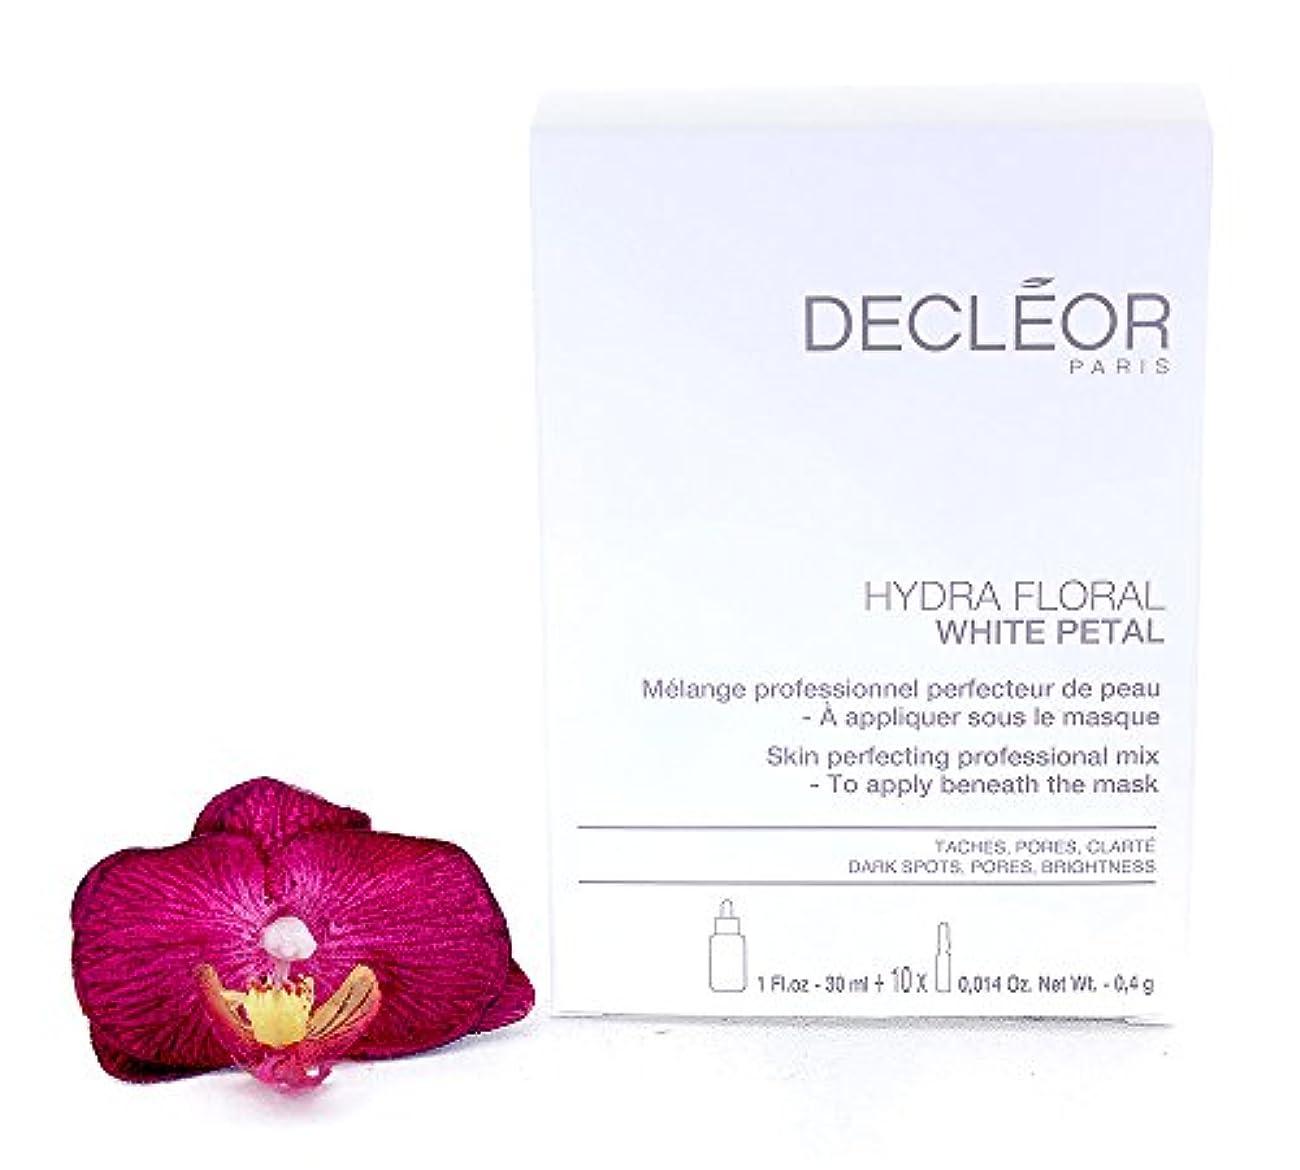 後者工業用とティームデクレオール Hydra Floral White Petal Skin Perfecting Professional Mix (1x Concentrate 30ml, 10x Powder 4g) - Salon...